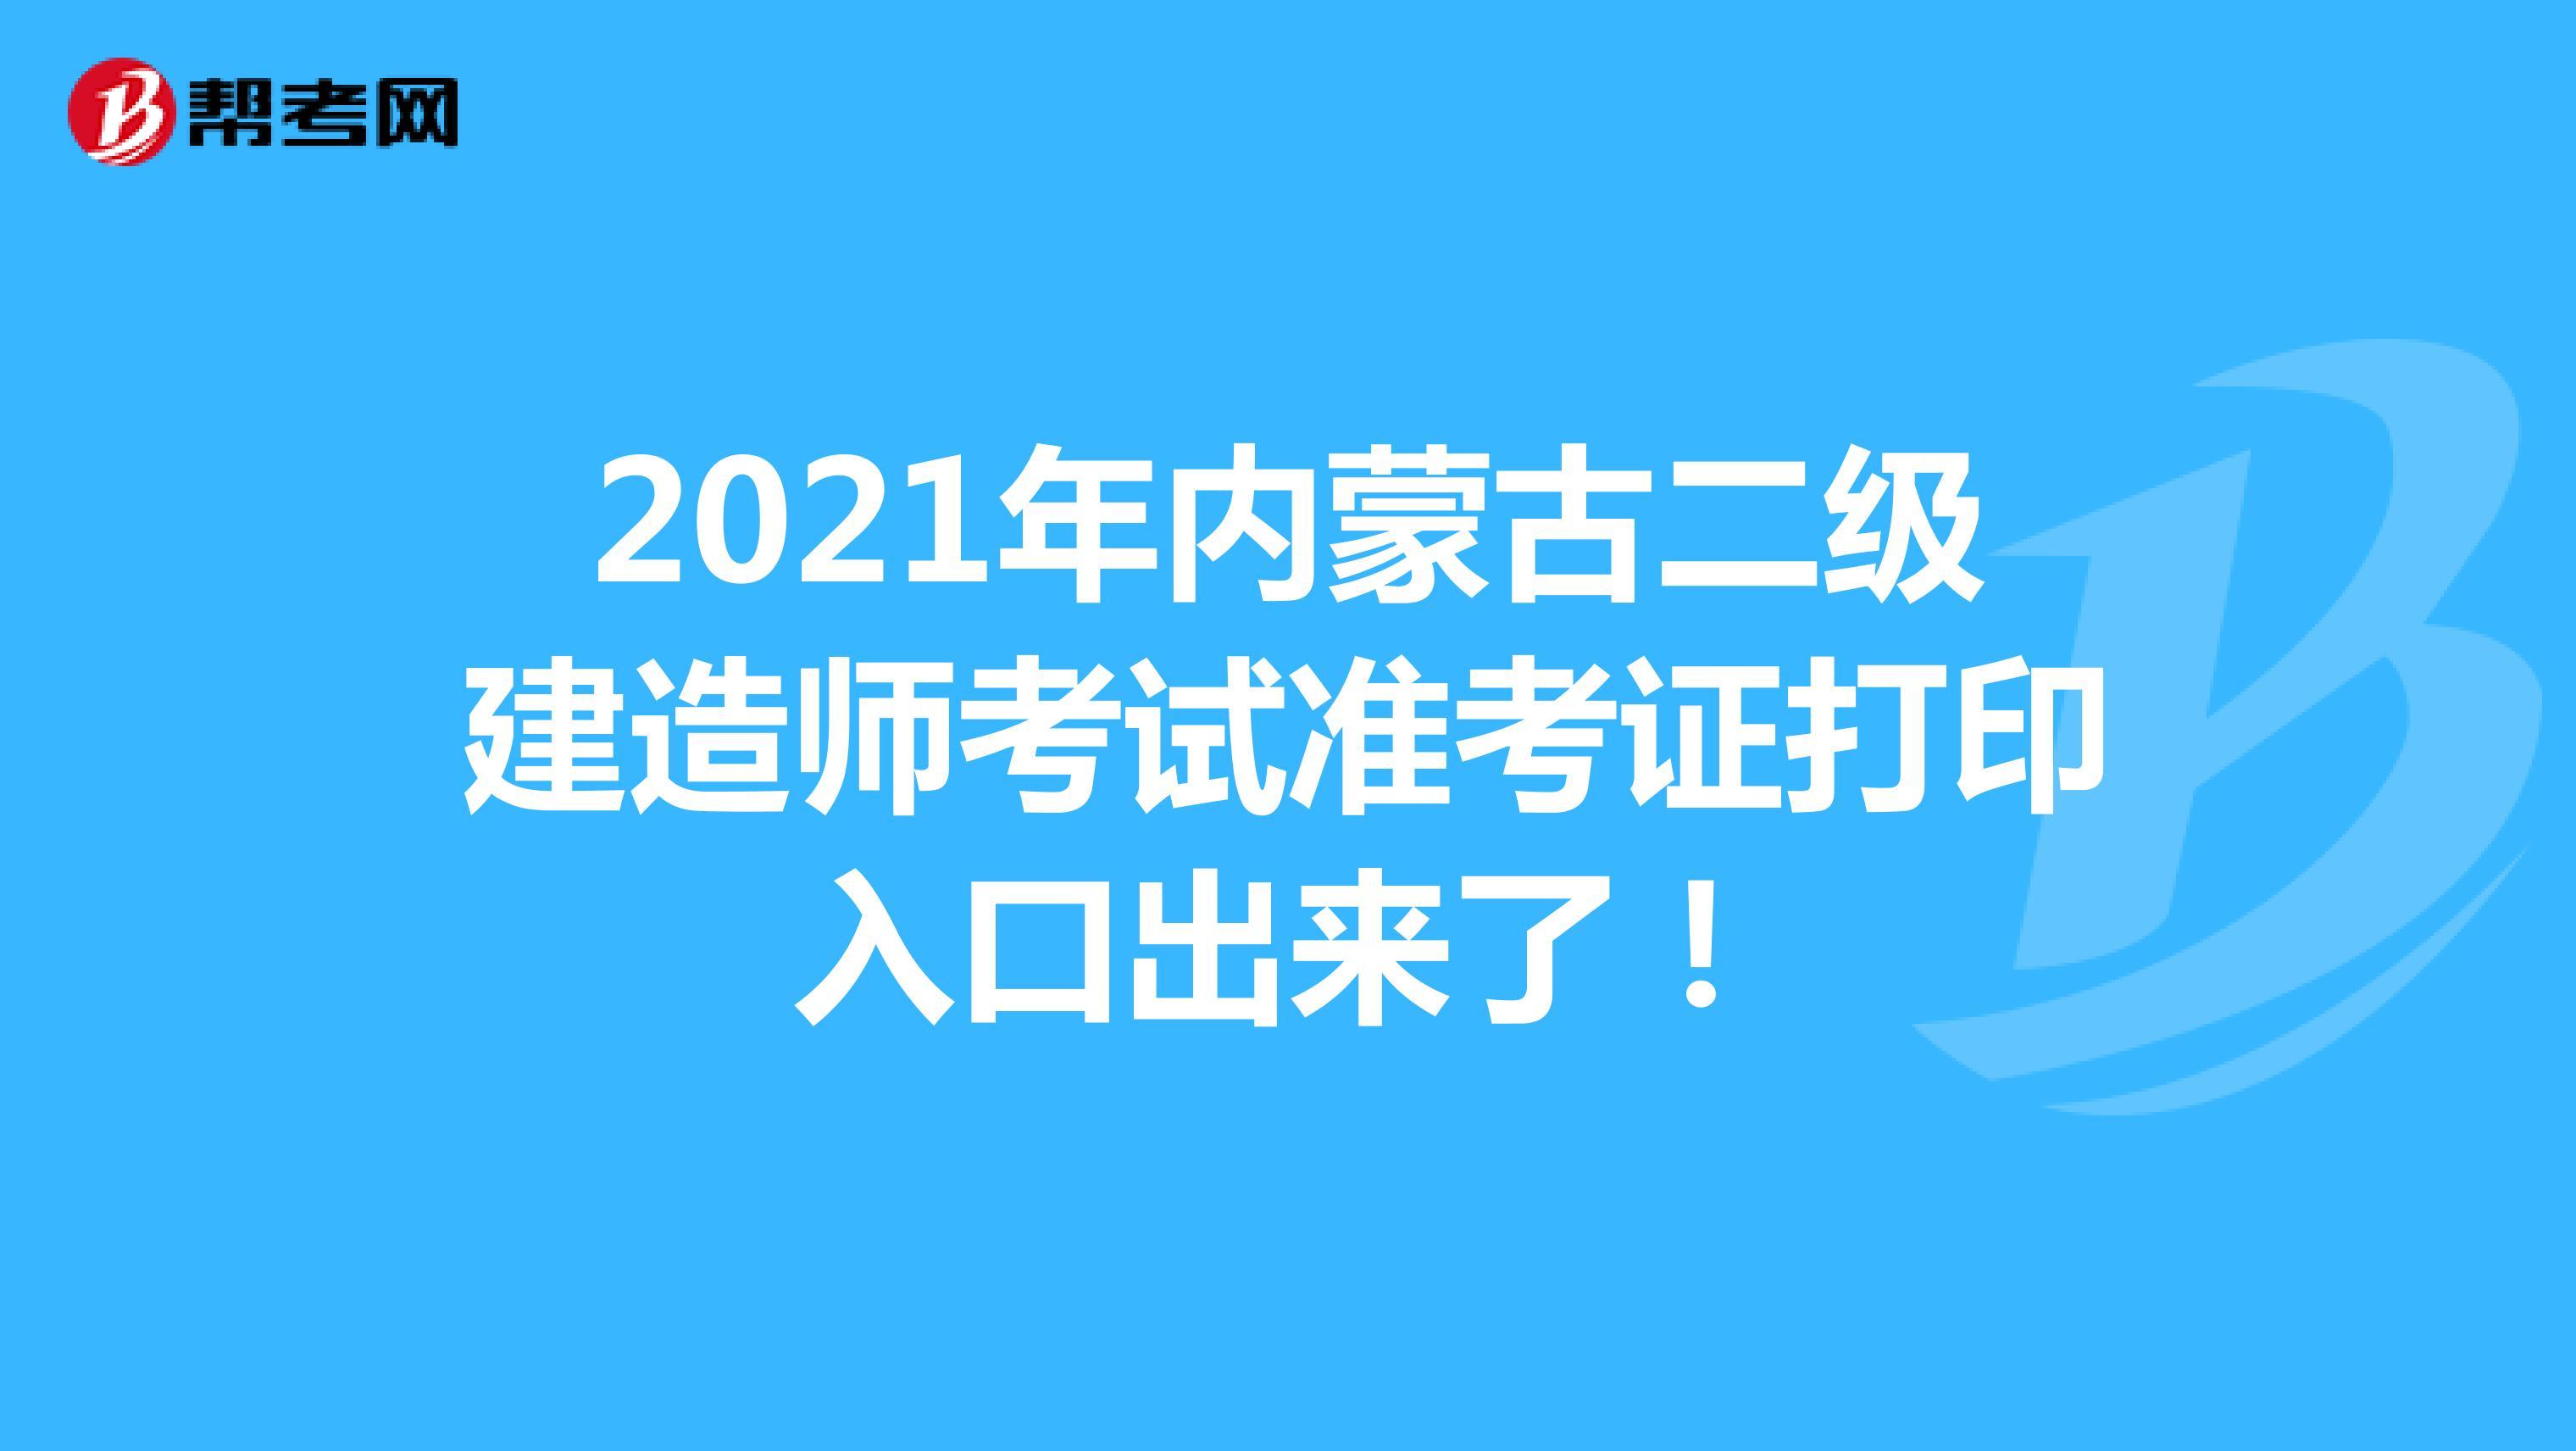 2021年内蒙古(hot88体育官网)二级建造师考试准考证打印入口出来了!